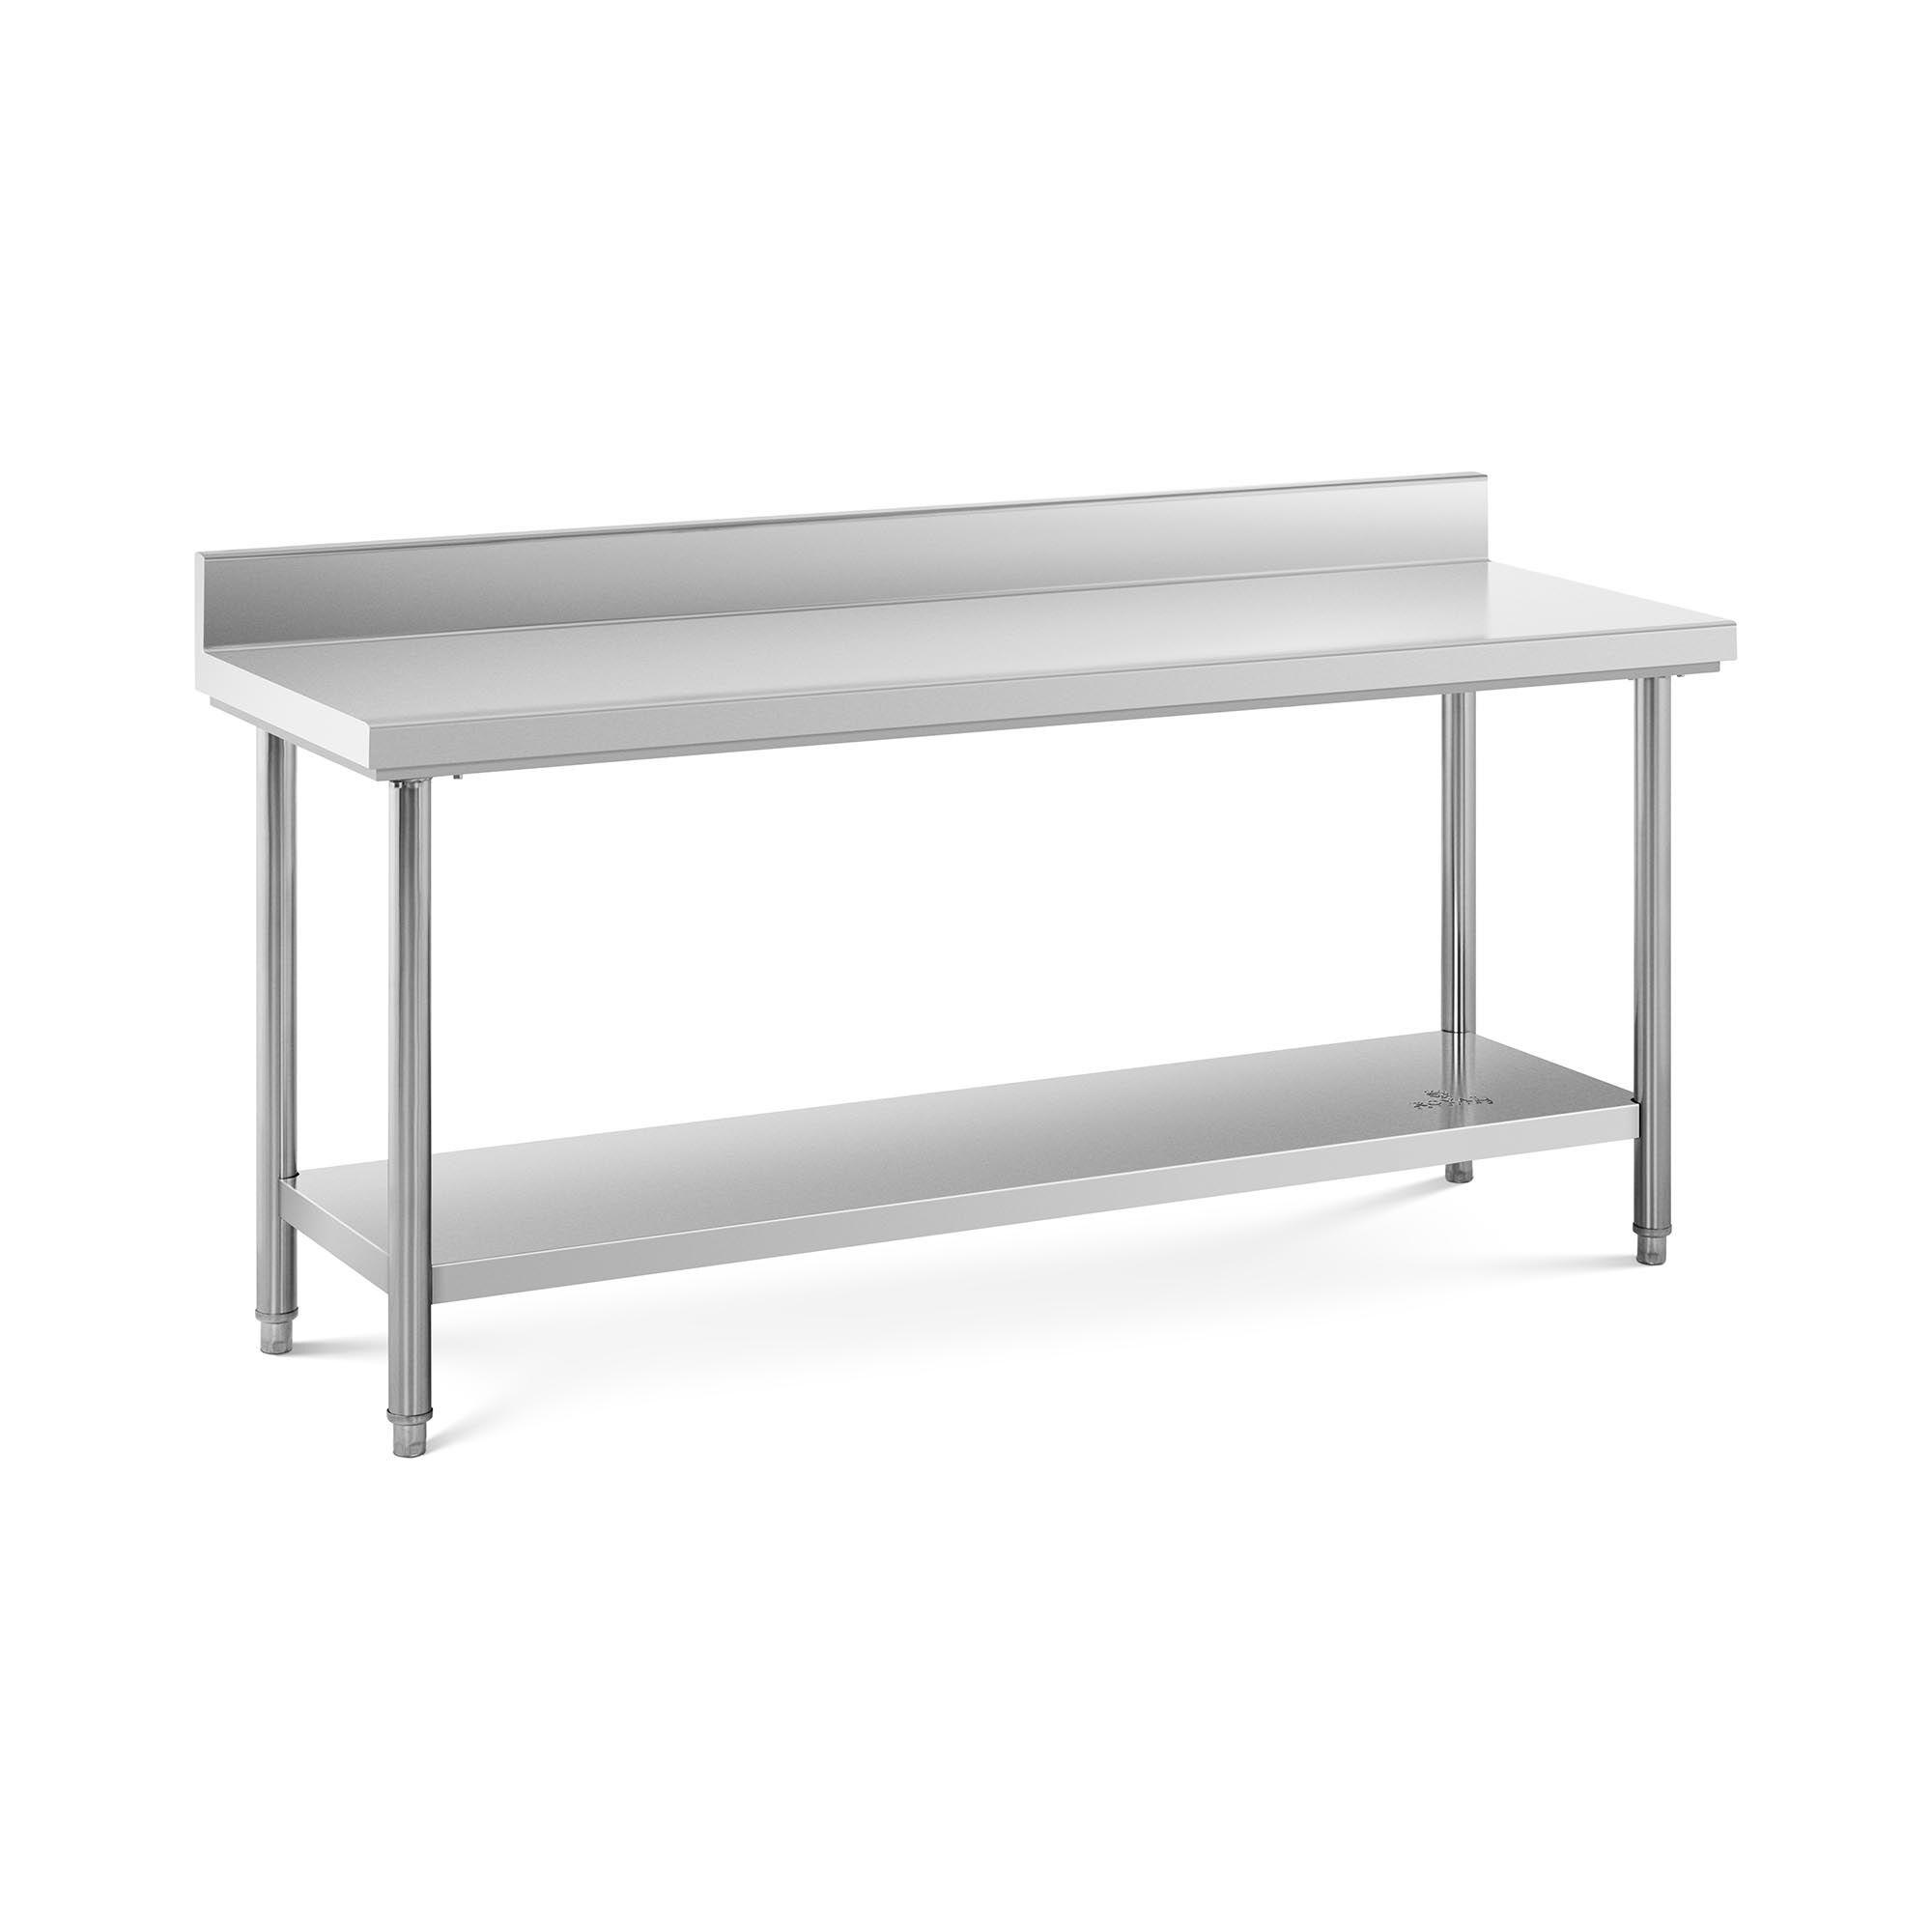 Royal Catering Table de travail inox avec dosseret - 180 x 60 cm - Capacité de 182 kg